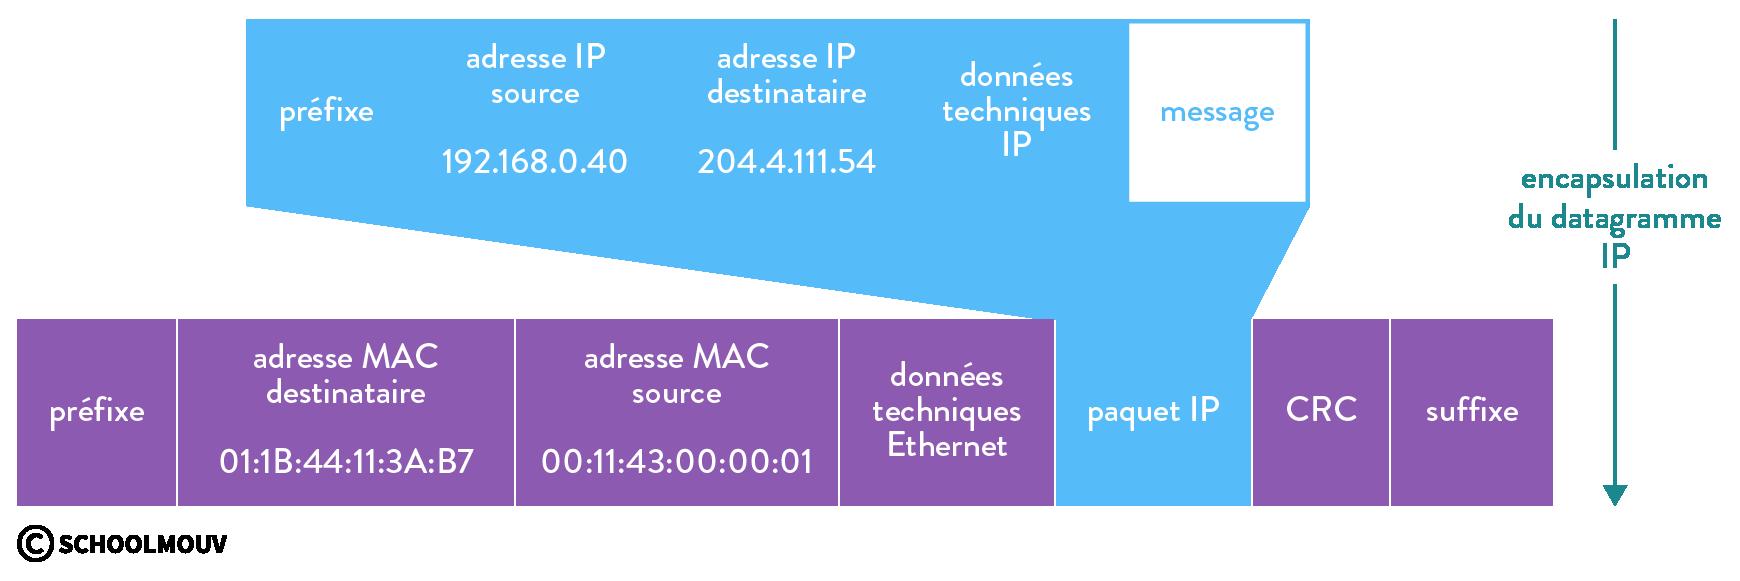 numérique sciences informatiques IP et le réseau local première encapsulation du datagramme IP de l'émetteur vers la passerelle de son réseau local